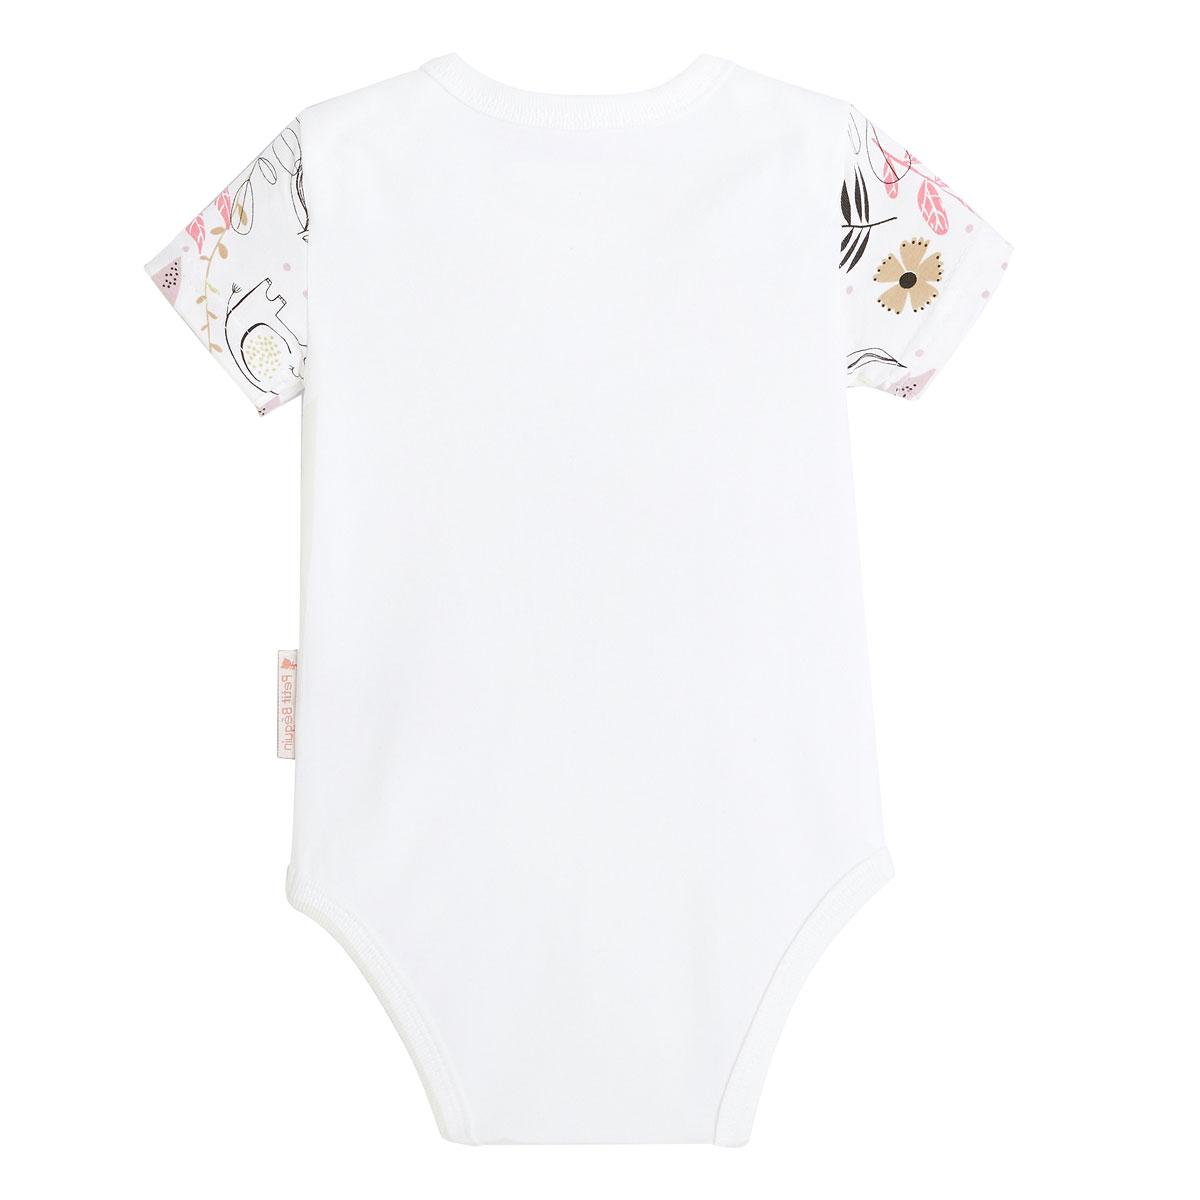 Lot de 2 bodies bébé fille manches courtes contenant du coton bio Singapour placé dos